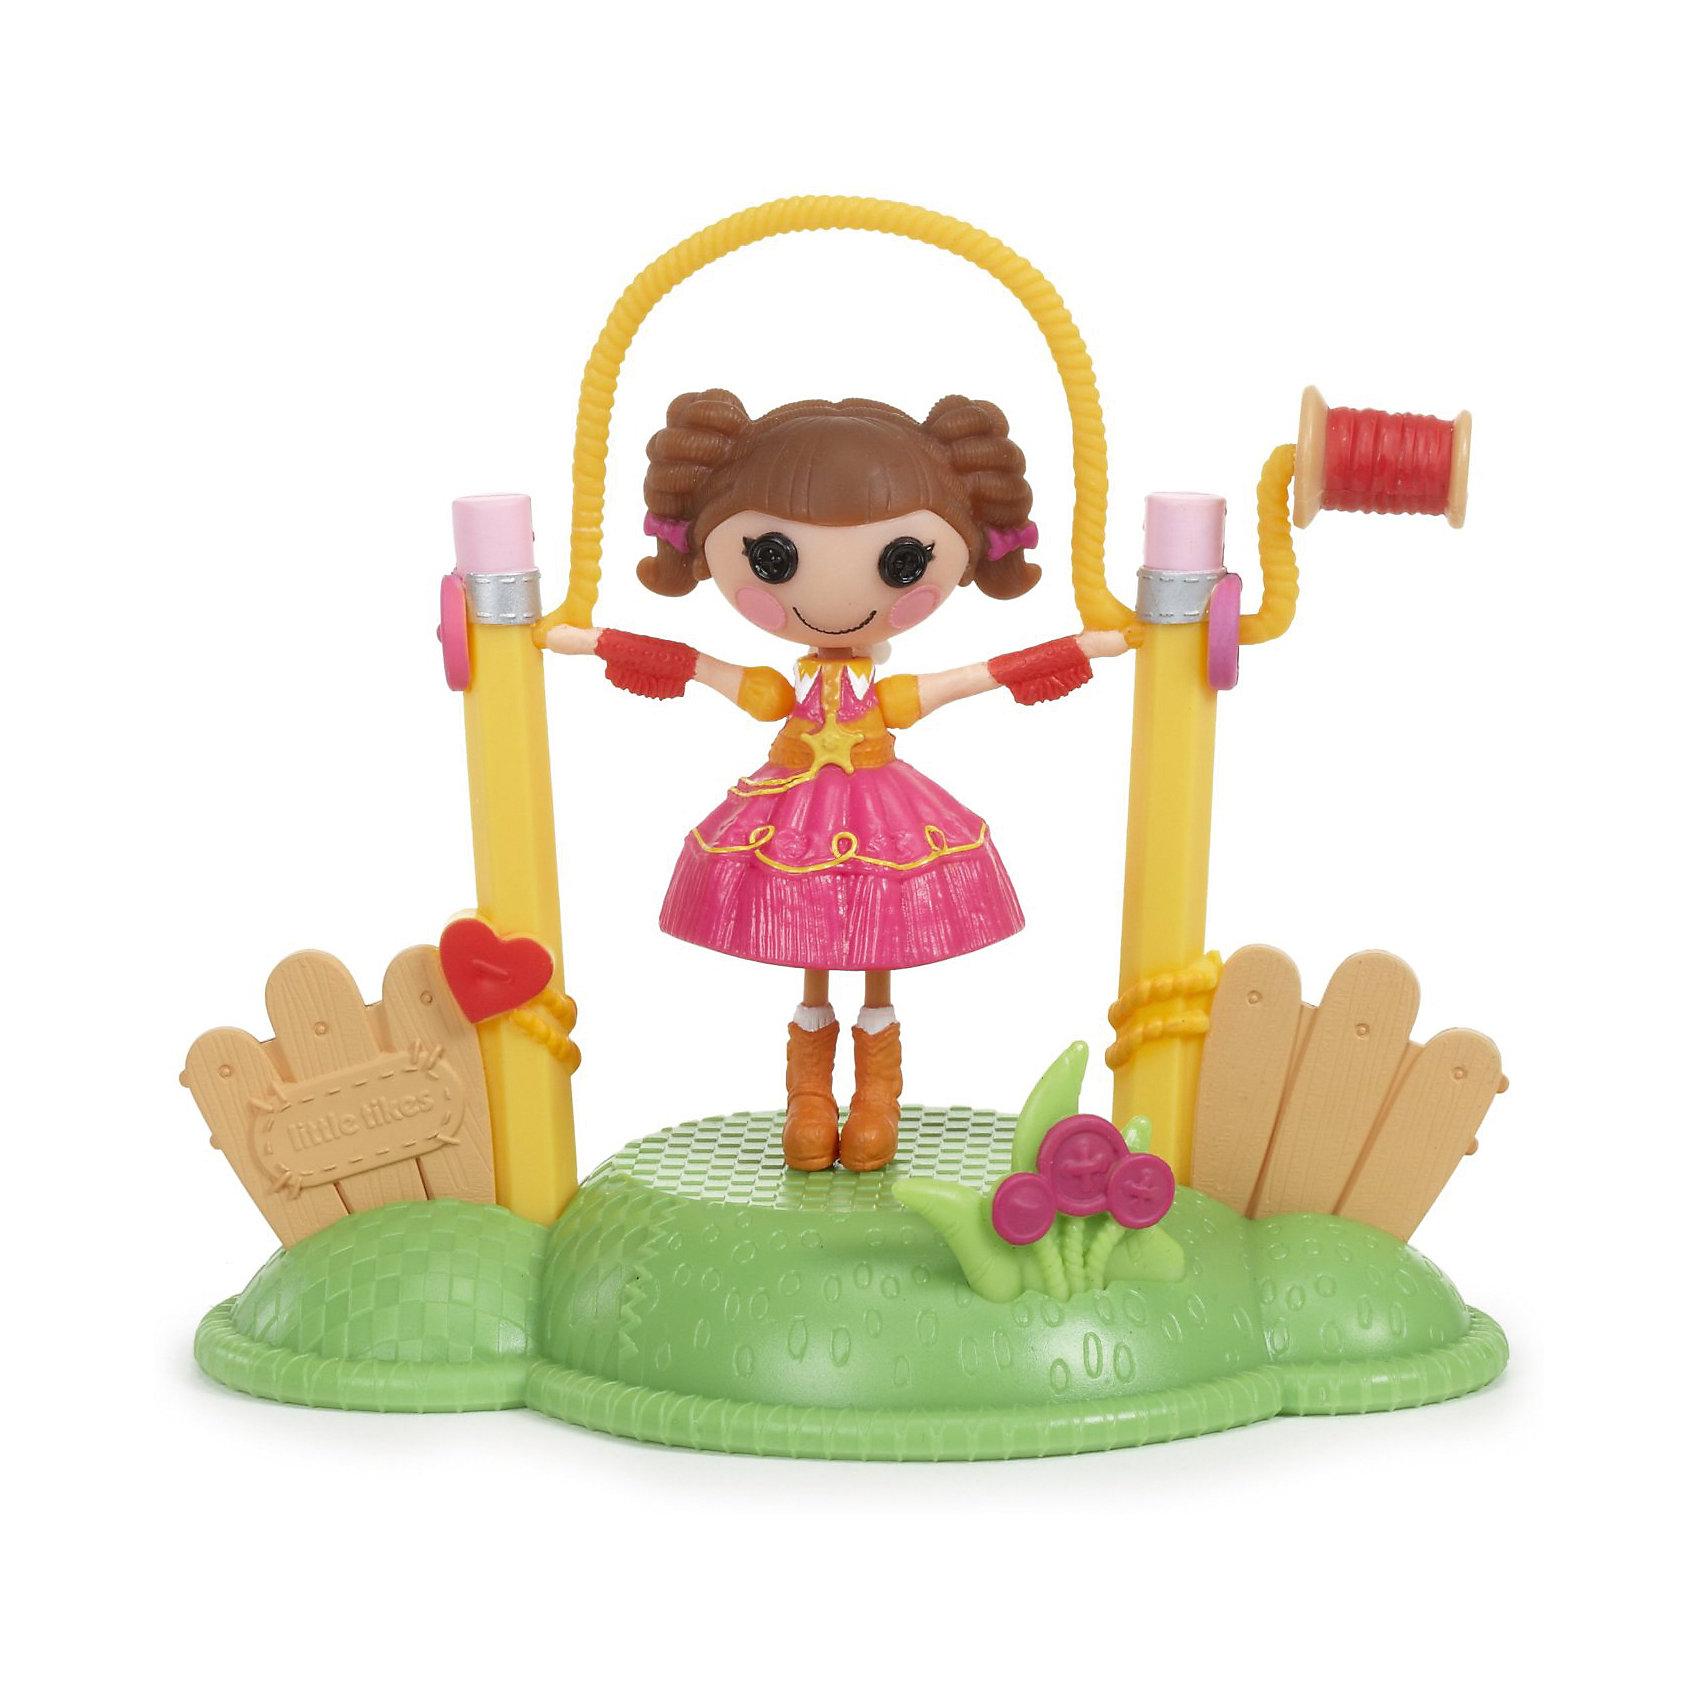 Кукла Веселый спорт: Скакалка, Mini LalaloopsyБренды кукол<br>Куколка Веселый спорт: Скакалка (Jump Rope), Mini Lalaloopsy (Мини Лалалупси) весело прыгает через скакалку, стоит только начать ее крутить. Серия Веселый спорт позволит Вам создать целую спортивную площадку у себя дома. Маленькие куколки сильные и подвижные: помогая куколкам осваивать новые снаряды и приобщайся к спорту. Тогда жизнь Lalaloopsy (Лалалупси) станет еще интереснее! Куколка Скакалка (Jump Rope) очень веселая, она может целый день прыгать через веревочку и никогда не устанет.<br>В комплекте с куколкой есть площадка с забором на котором натянута скакалка. Девчонок обязательно заинтересует эта задорная куколка!<br><br>Дополнительная информация:<br><br>- В наборе: кукла, аксессуар;<br>- Прививает любовь к спорту;<br>- Идеальный подарок для малышки;<br>- Развивает фантазию и воображение;<br>- Игрушка упакована в очаровательную подарочную коробочку;<br>- Материалы: пластик;<br>- Высота куколки: 7,5 см;<br>- Размеры упаковки: 20,5 х 17,5 х 9,5 см;<br>- Вес: 238 г<br><br>Куклу Веселый спорт: Скакалка (Jump Rope), Mini Lalaloopsy (Мини Лалалупси),  можно купить в нашем интернет-магазине.<br><br>Ширина мм: 205<br>Глубина мм: 175<br>Высота мм: 95<br>Вес г: 238<br>Возраст от месяцев: 36<br>Возраст до месяцев: 84<br>Пол: Женский<br>Возраст: Детский<br>SKU: 3786829